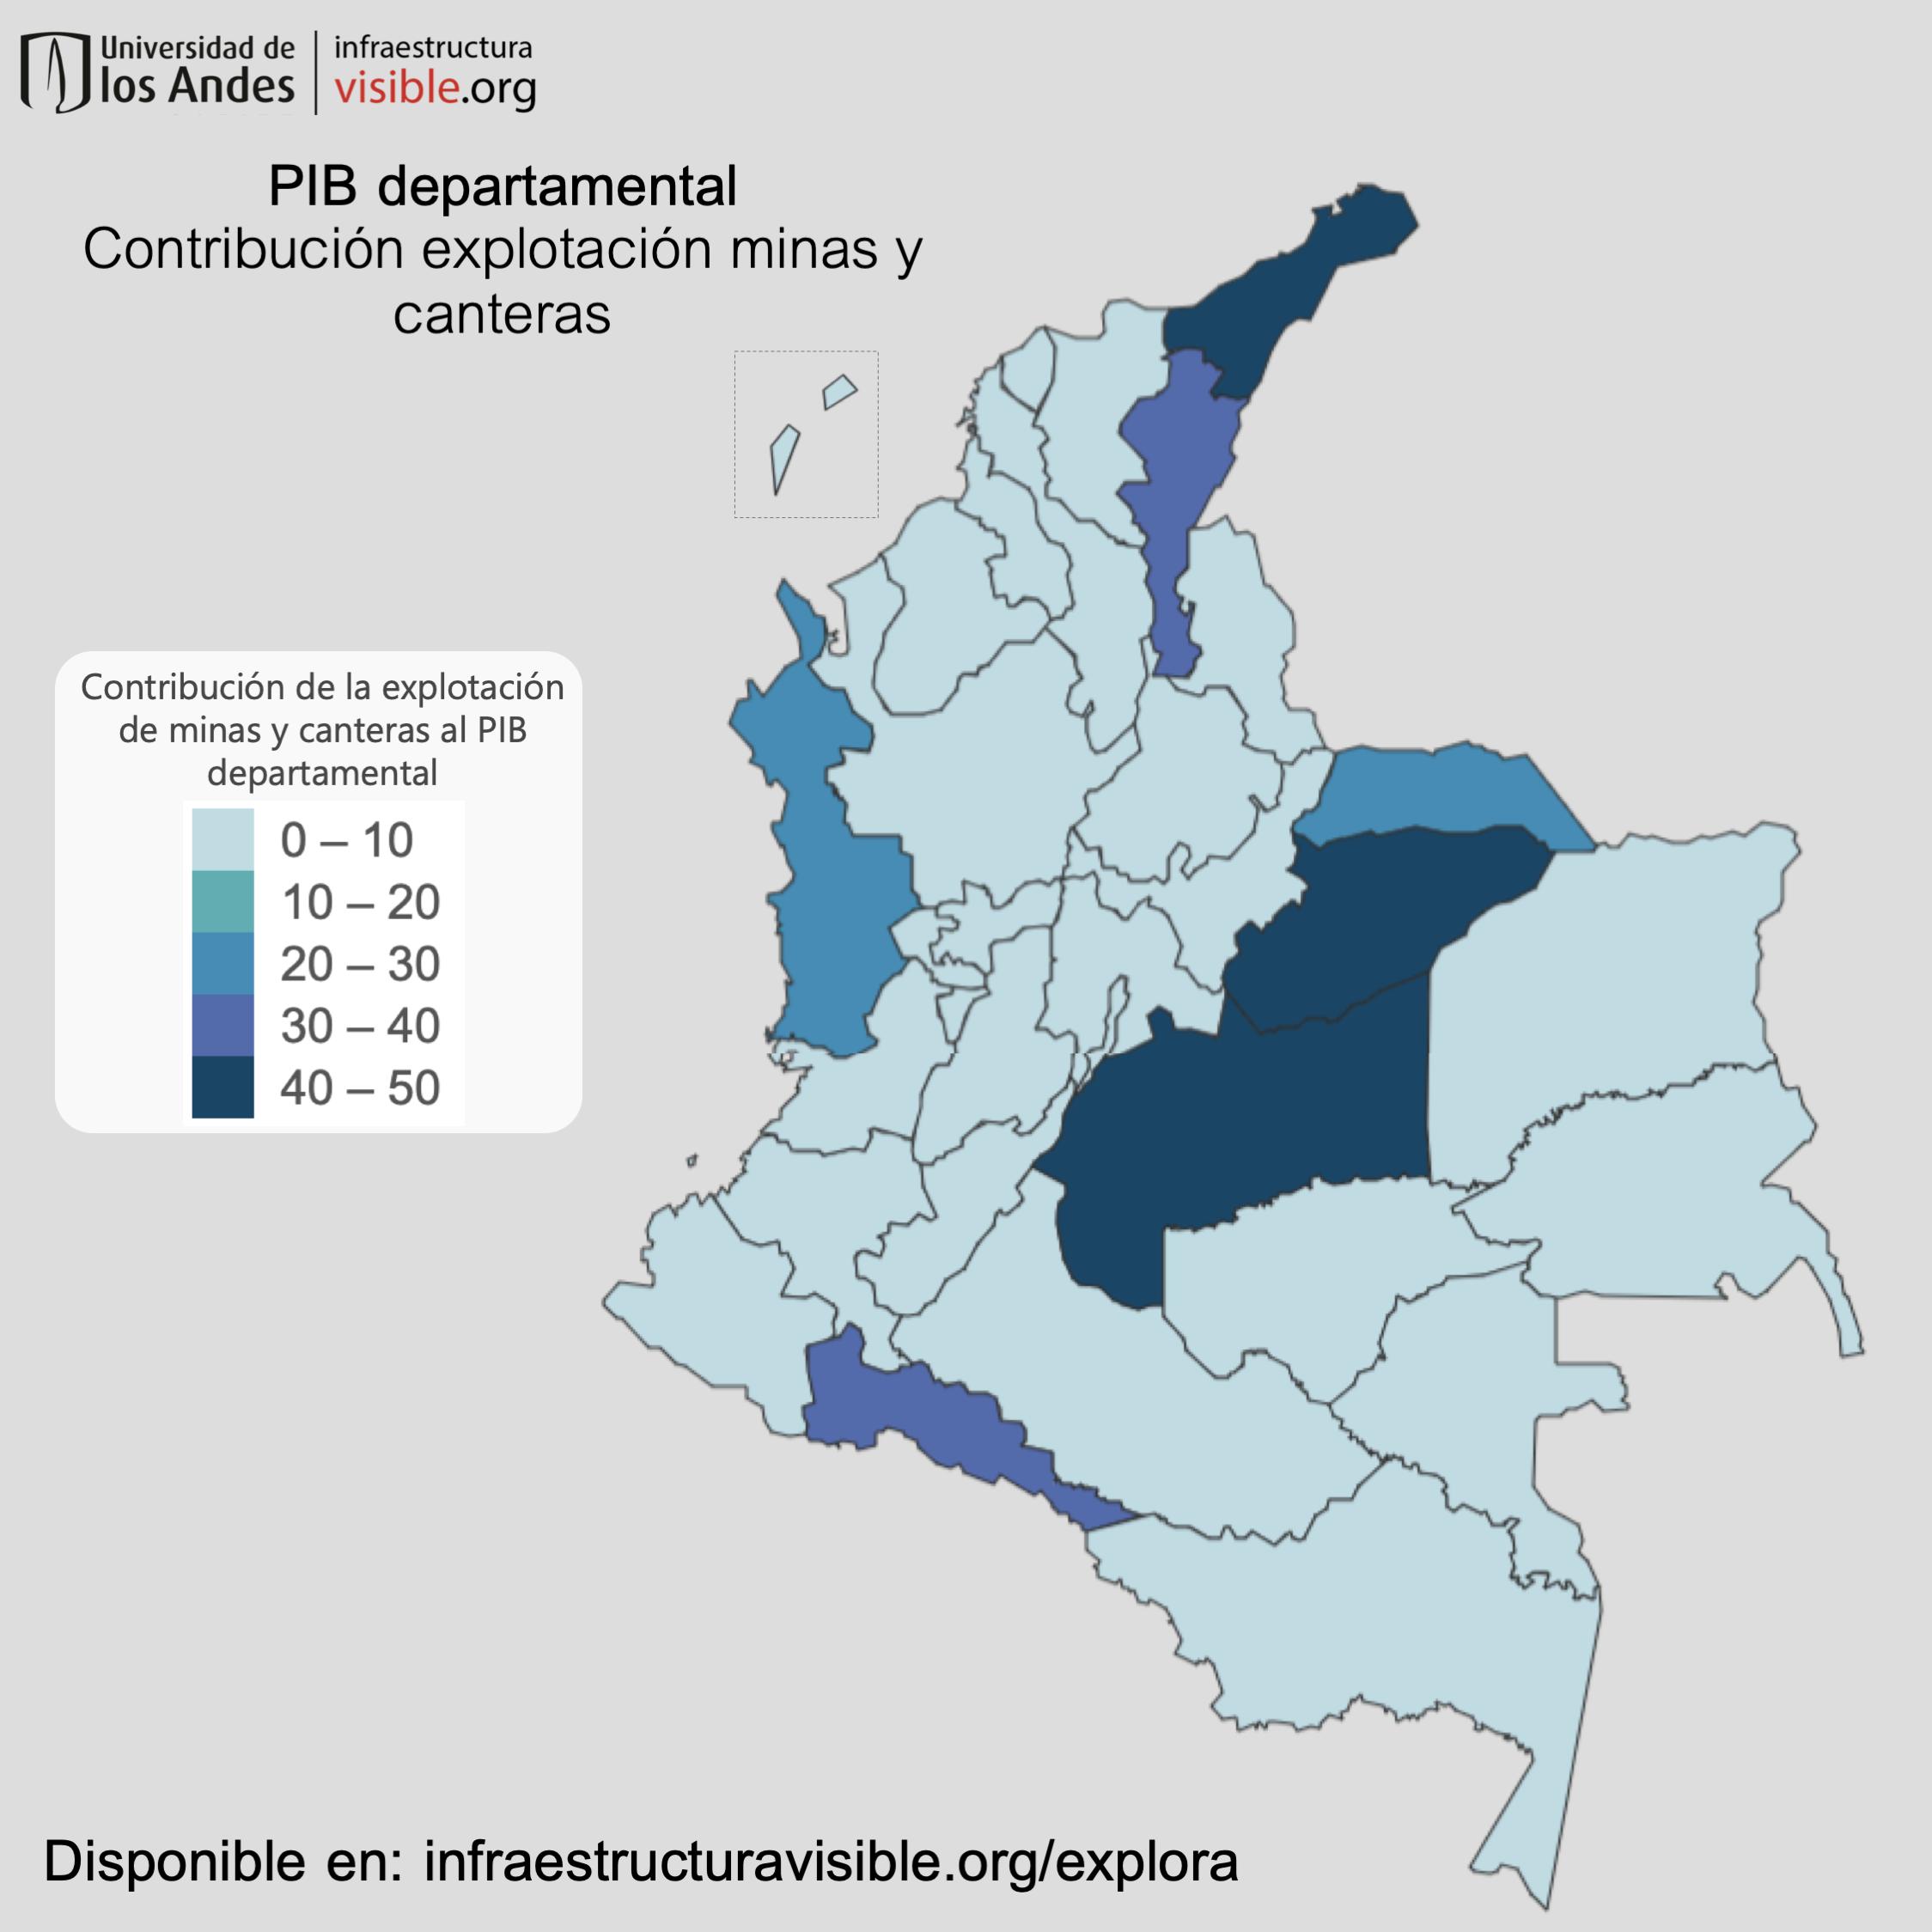 PIB departamental: Contribución explotación minas y canteras